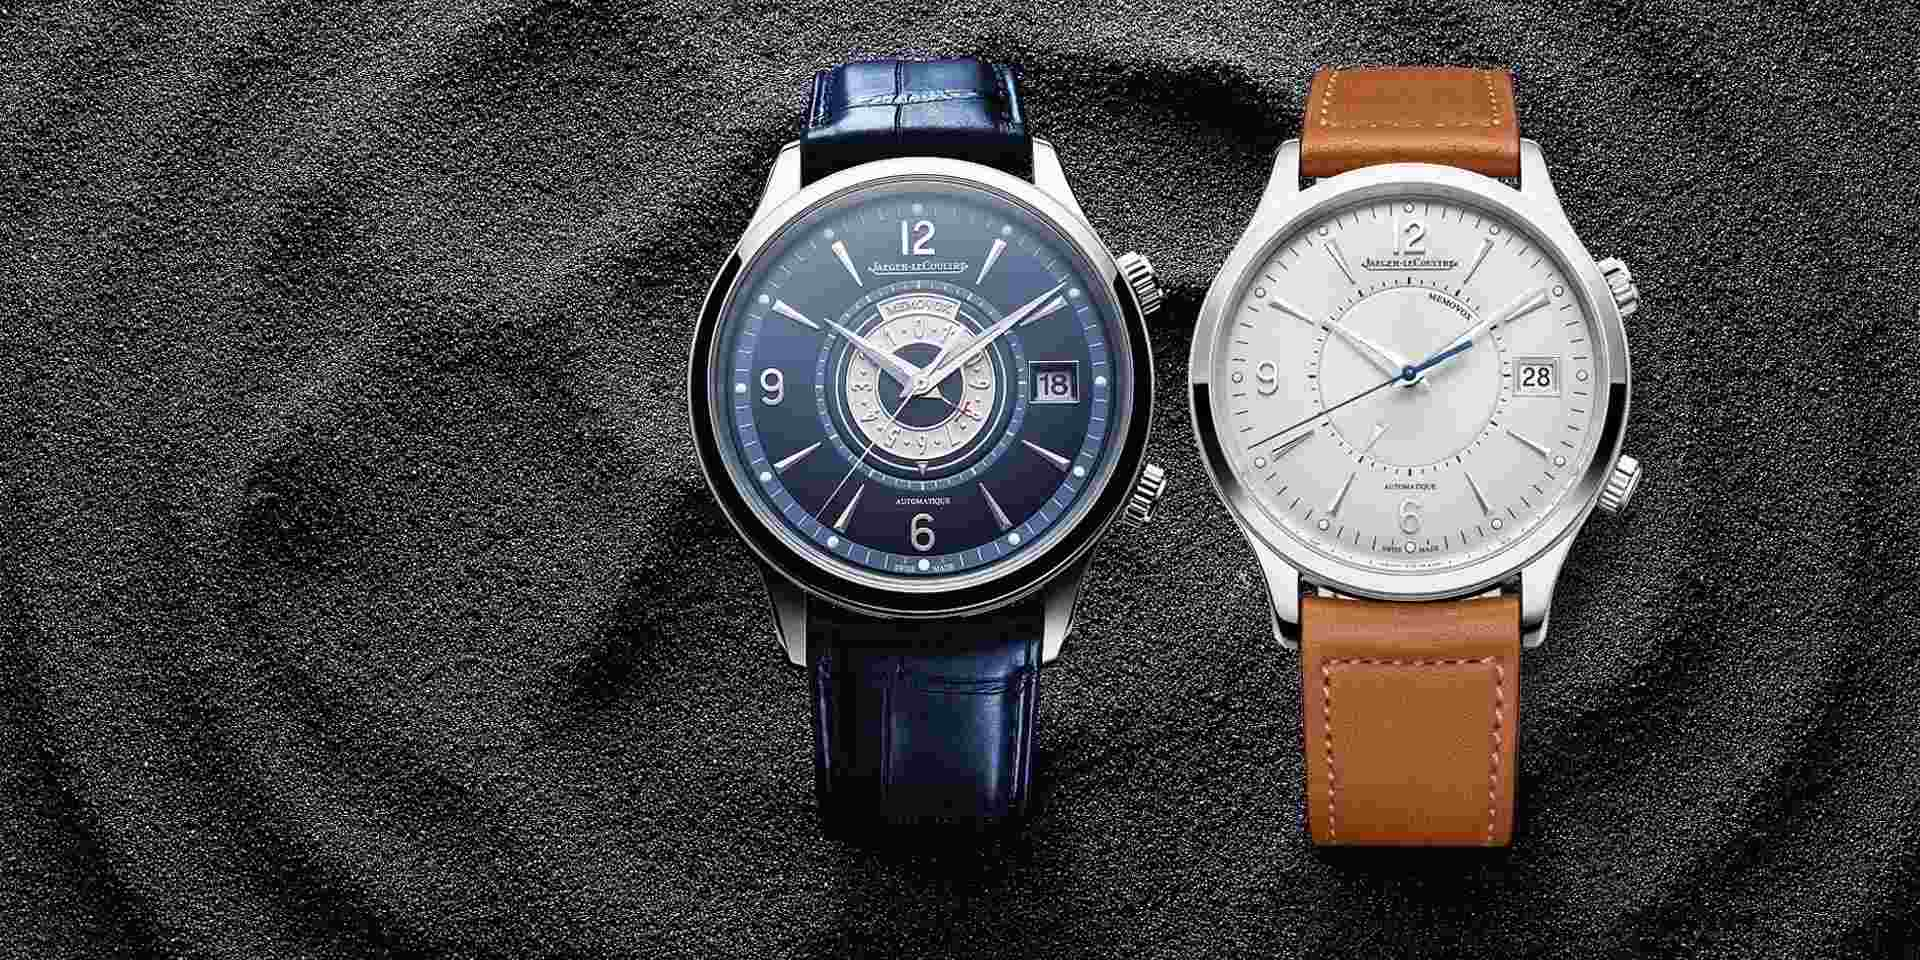 【2020線上錶展】積家Master Control大師系列推出全新Memovox響鬧腕錶和Memovox Timer響鬧計時器腕錶